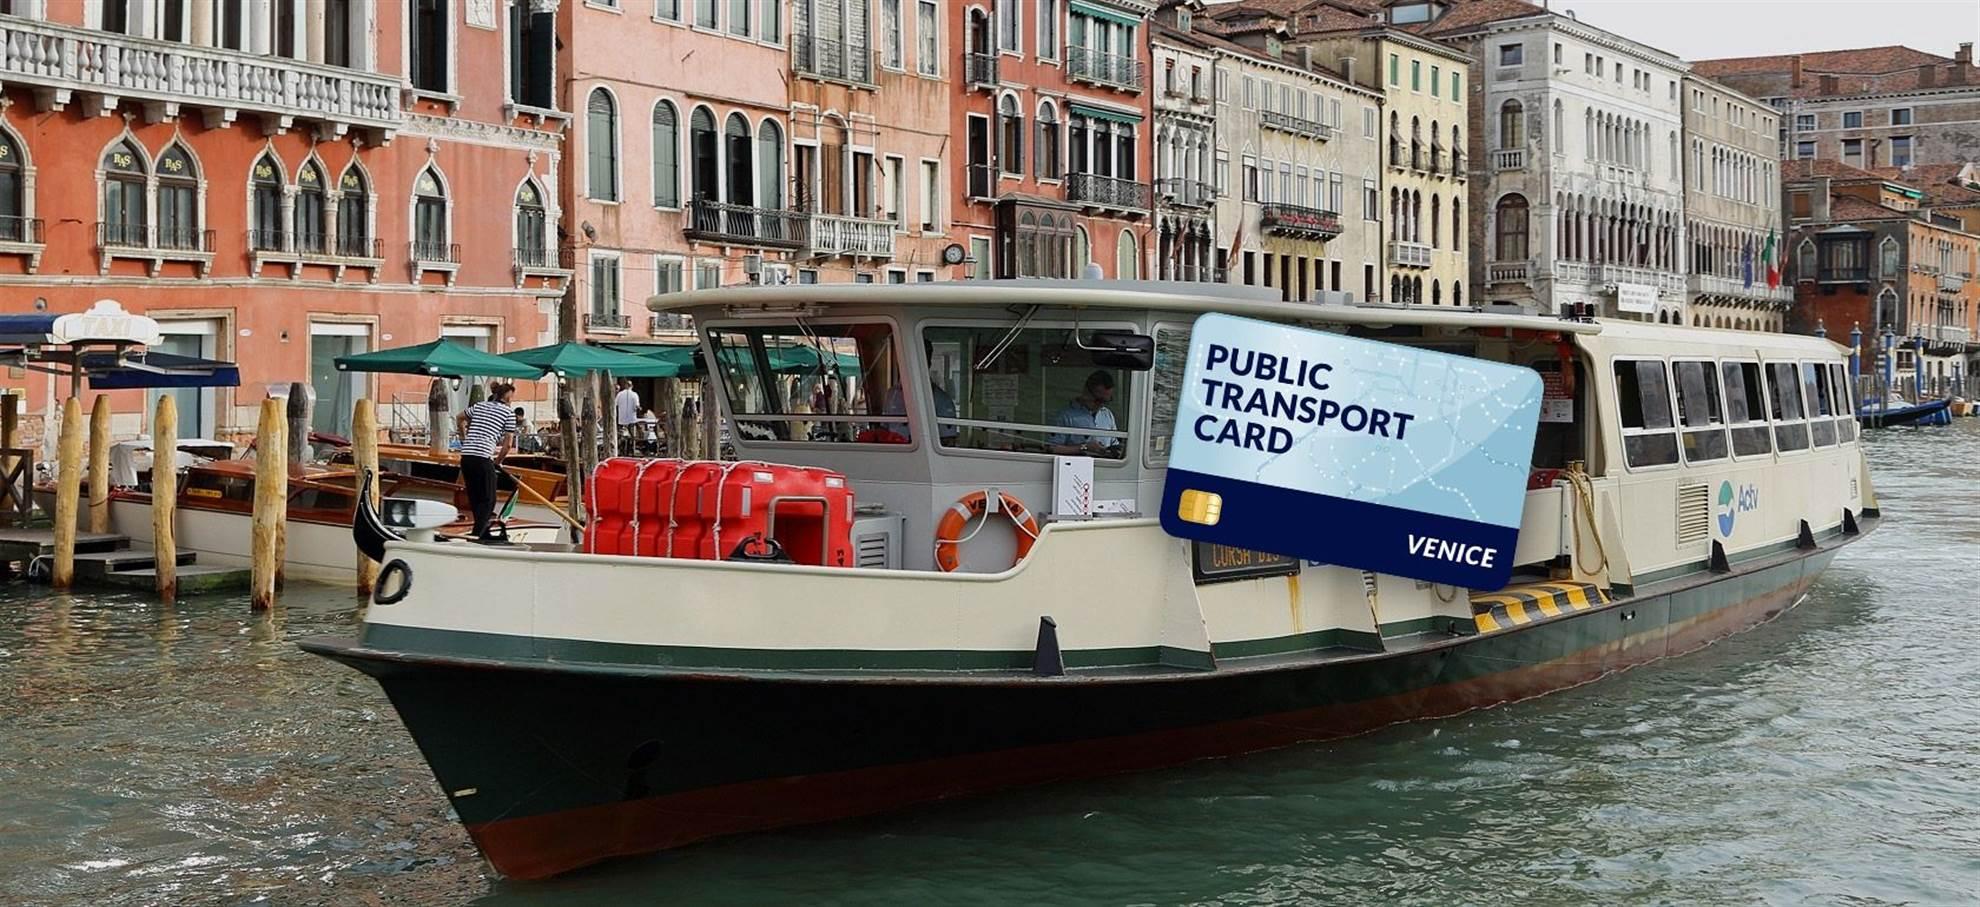 Venezia Travel Card